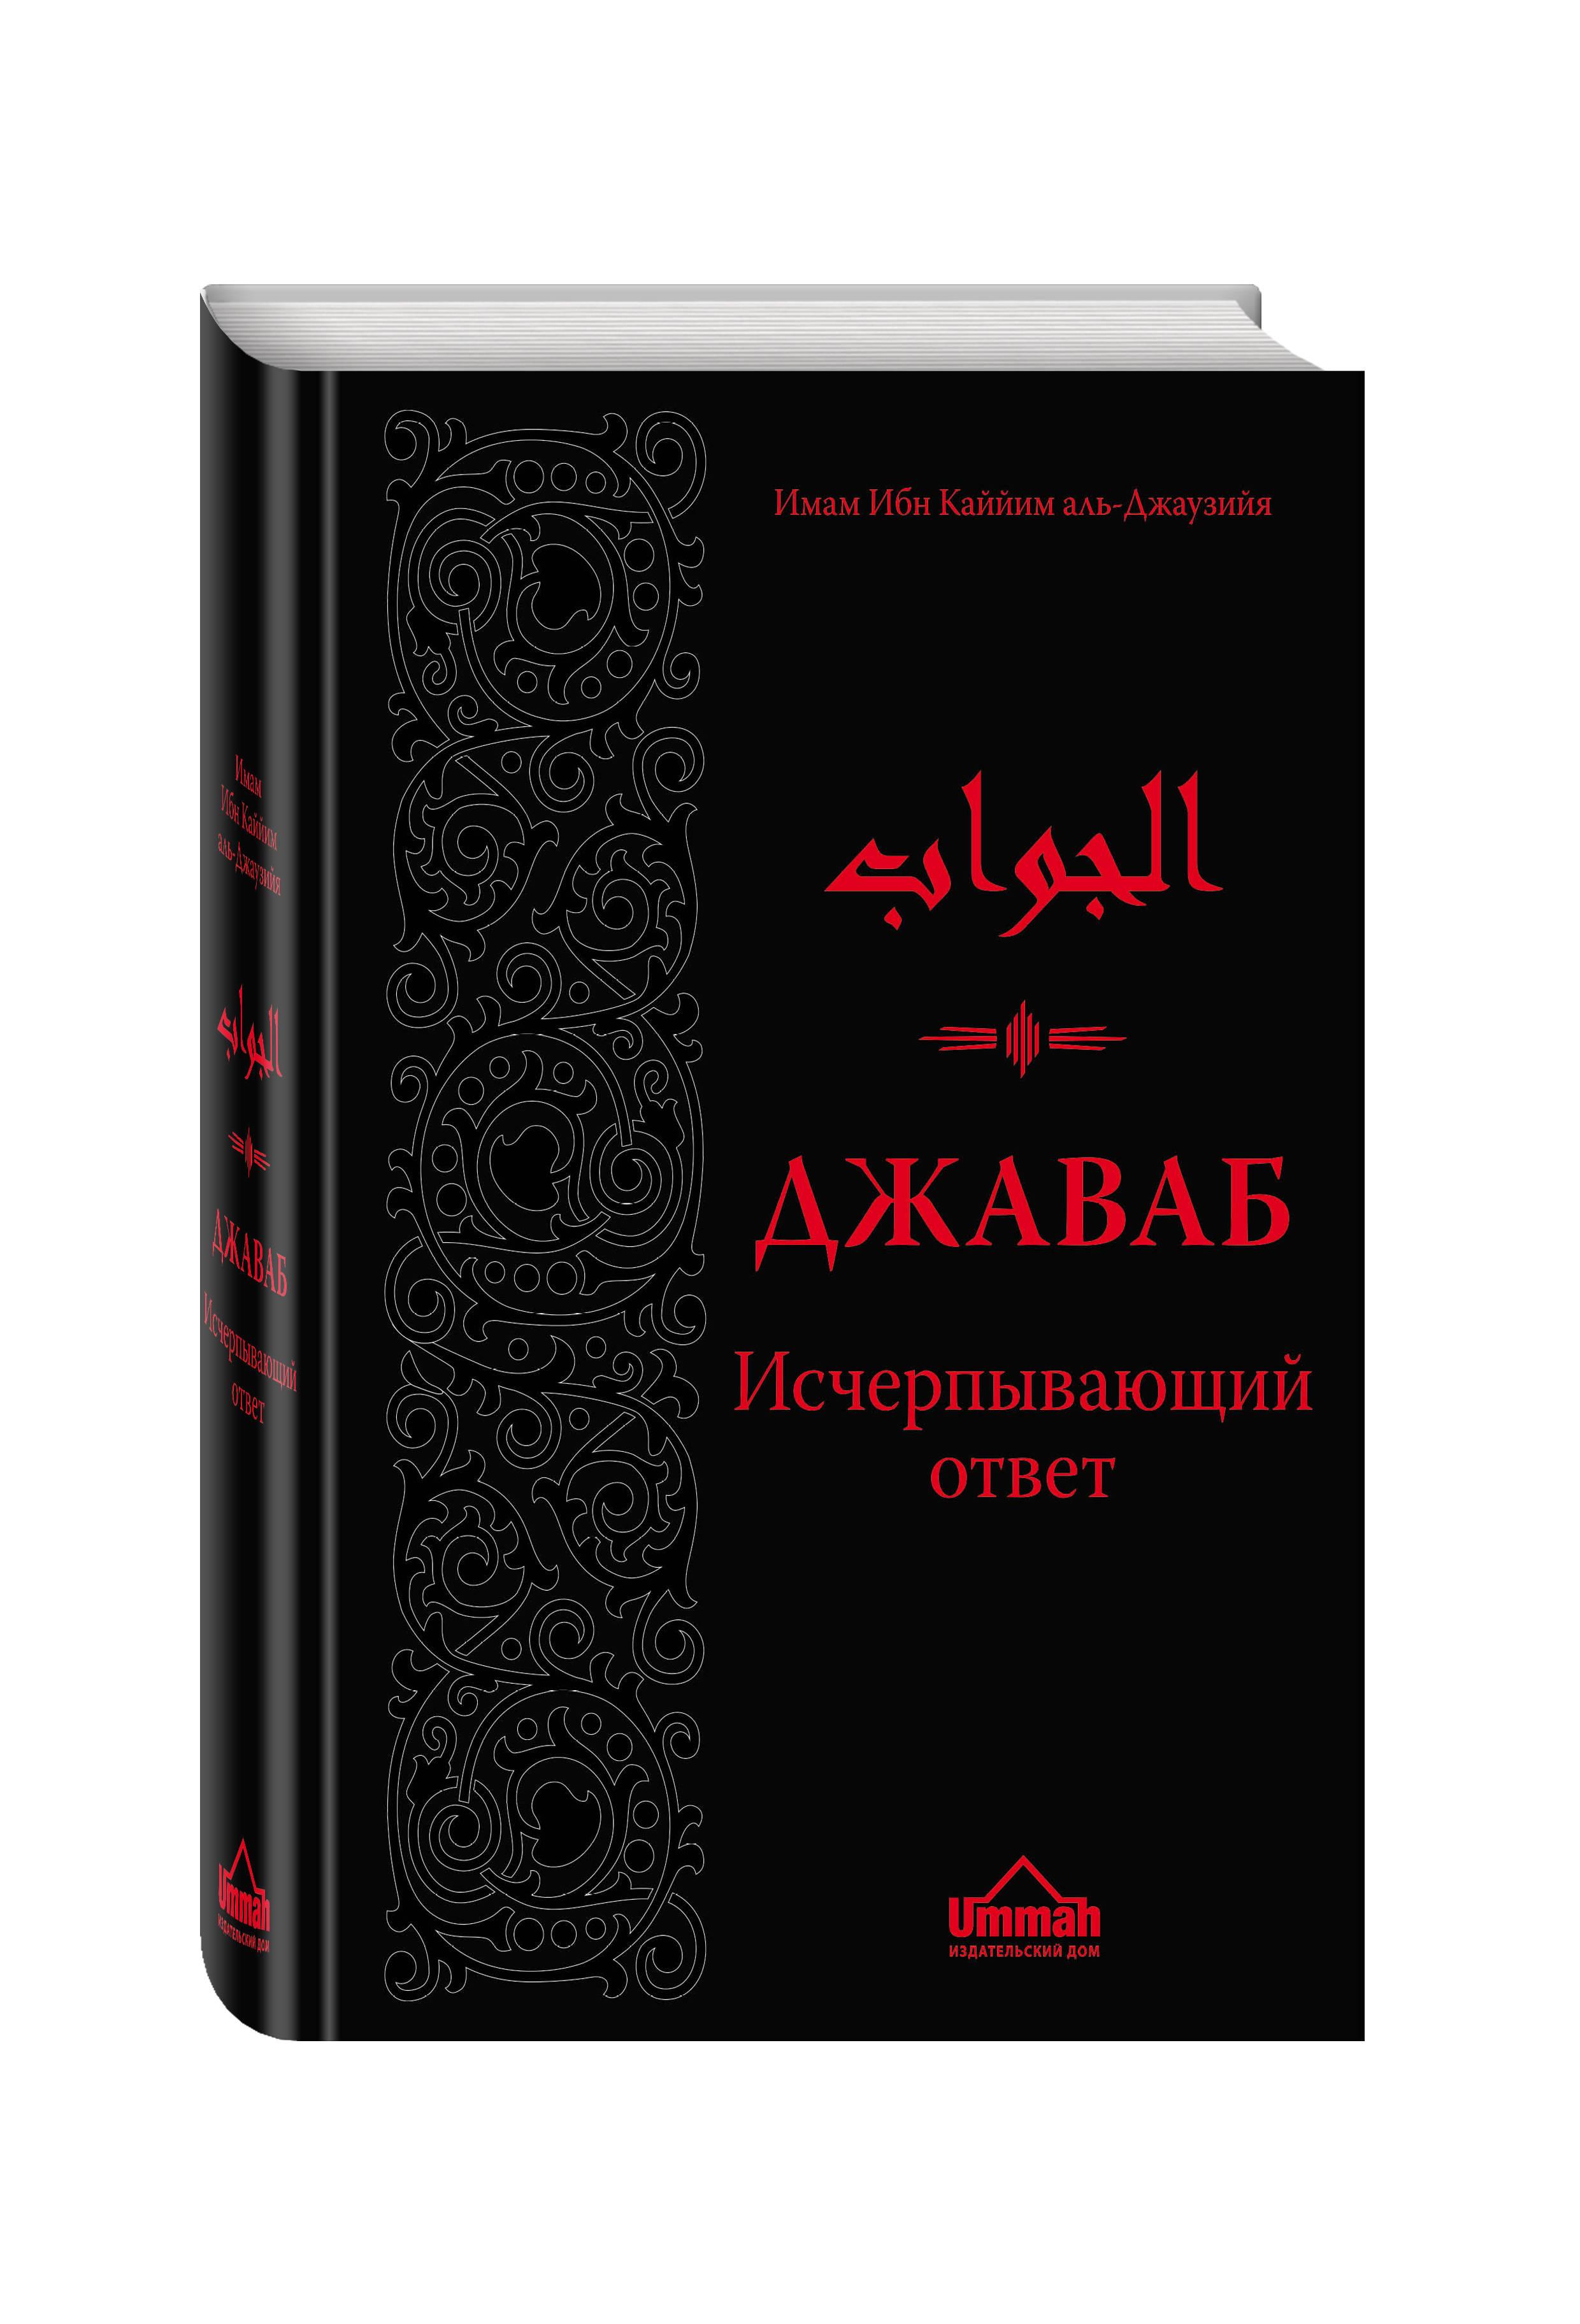 Ибн Каййим А. Джаваб. Исчерпывающий ответ ISBN: 978-5-699-83411-2 аль мунаджид мухаммад салих муфсидат недуги сердца